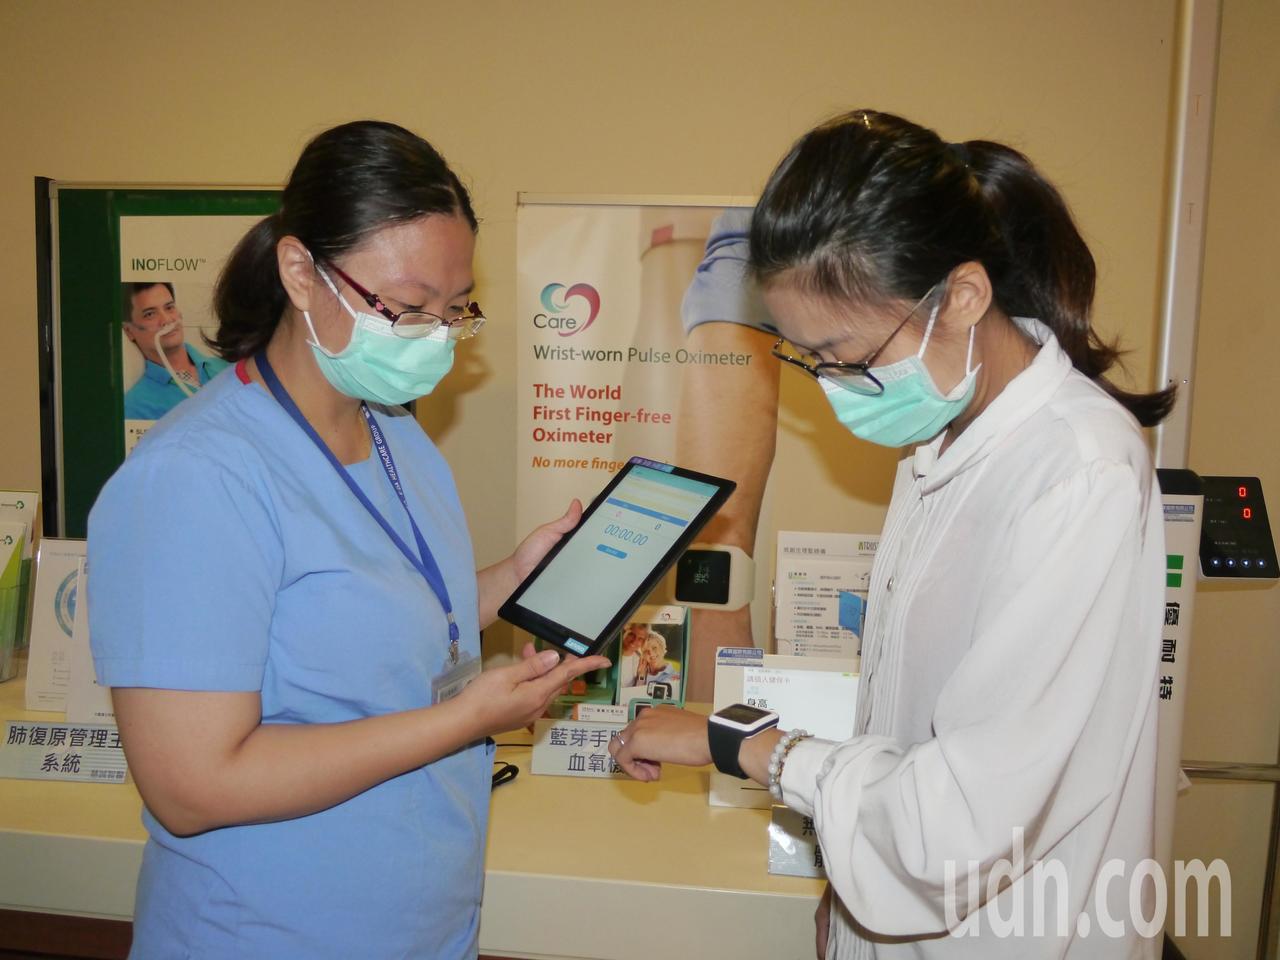 護理人員示範手腕式血氧機用法,病患(右)戴在手上,醫護人員(左)即可透過手中平板...